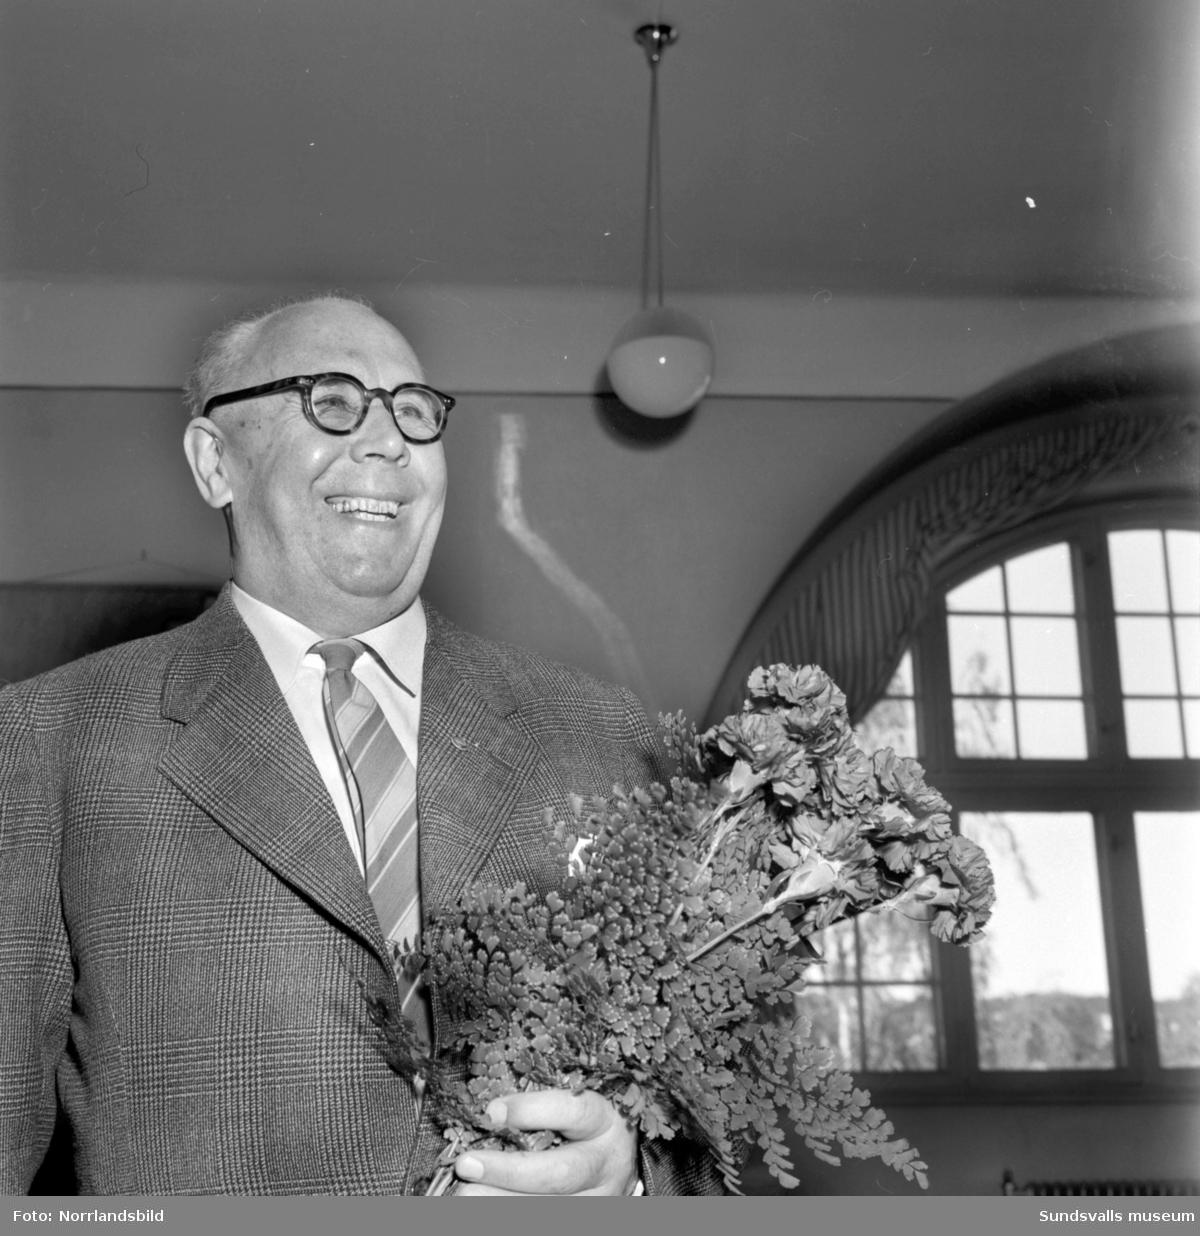 Folkskollärare Olle Lindström, Skönsberg, får blommor. (Avtackning, pensionering?)